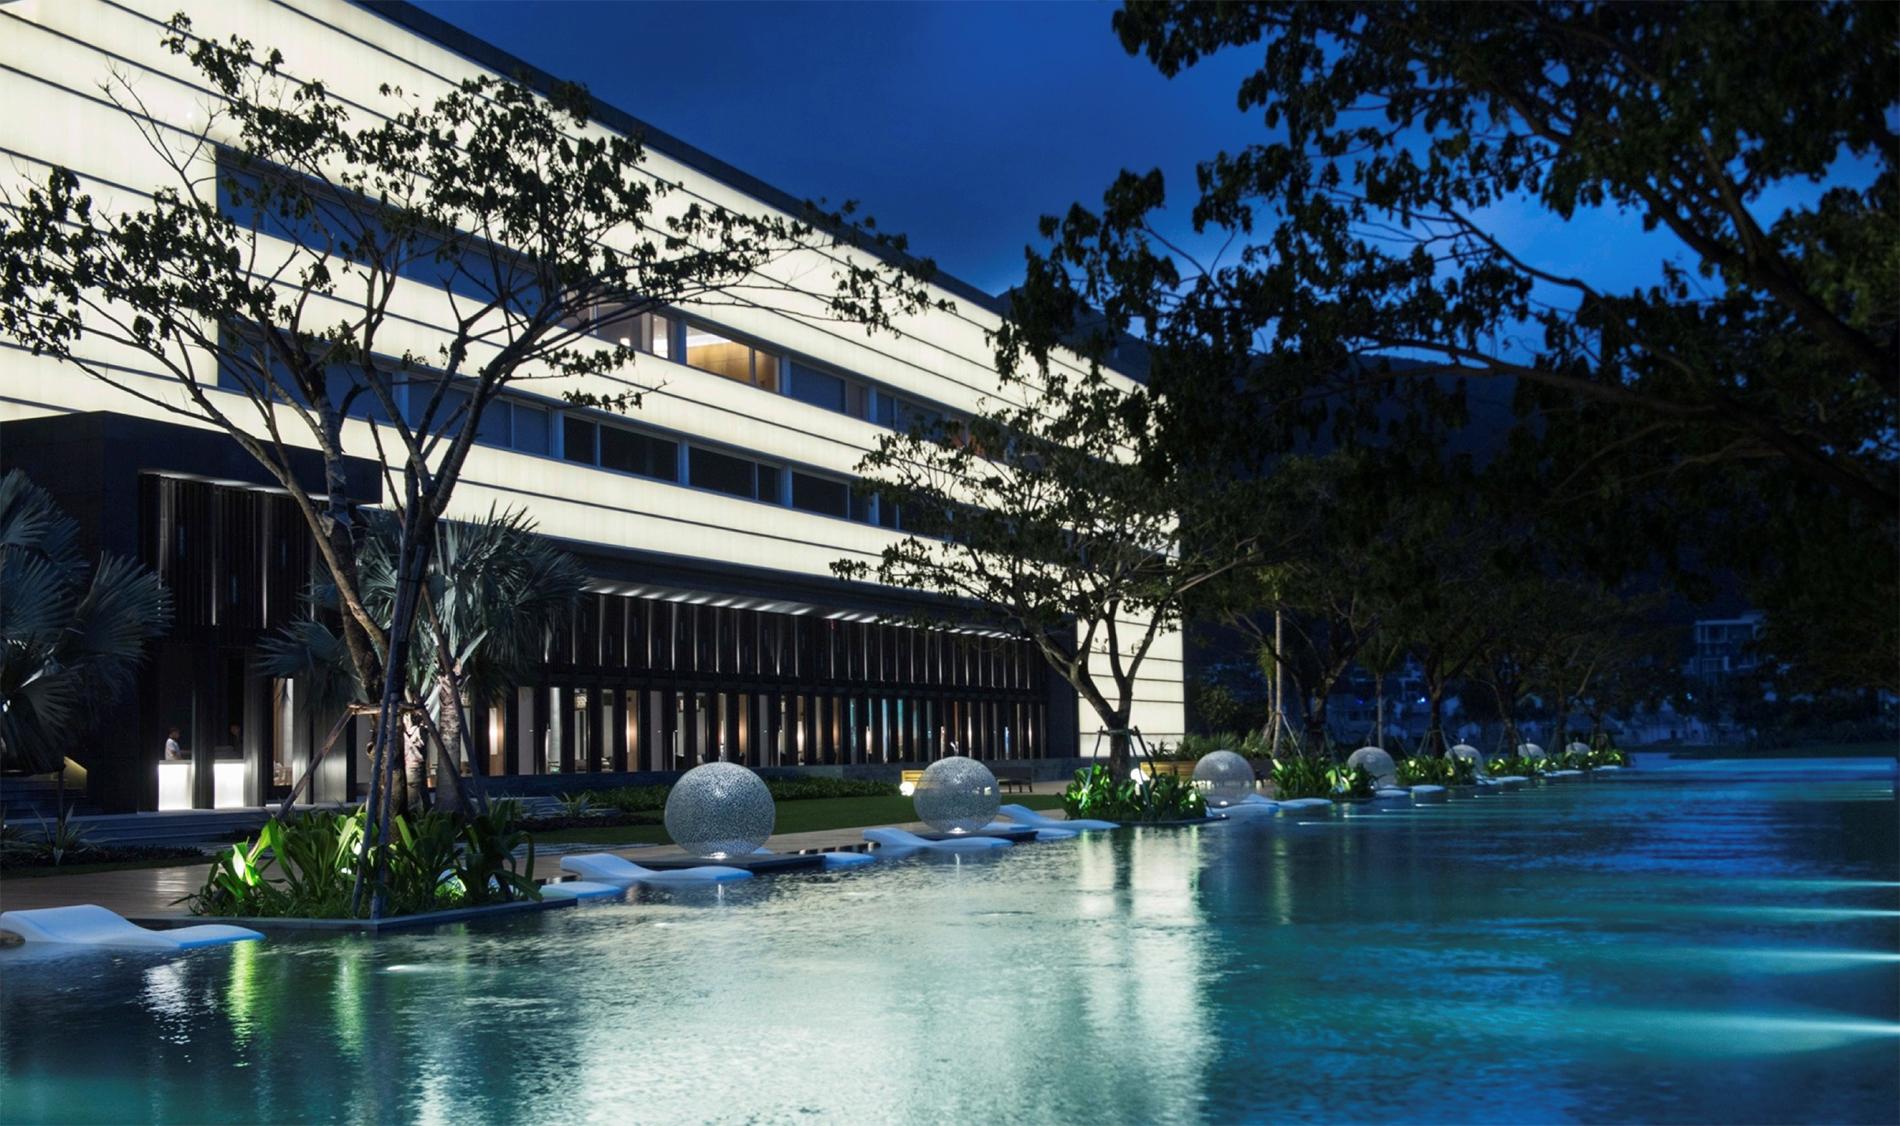 park hyatt sanya sunny bay resort opens